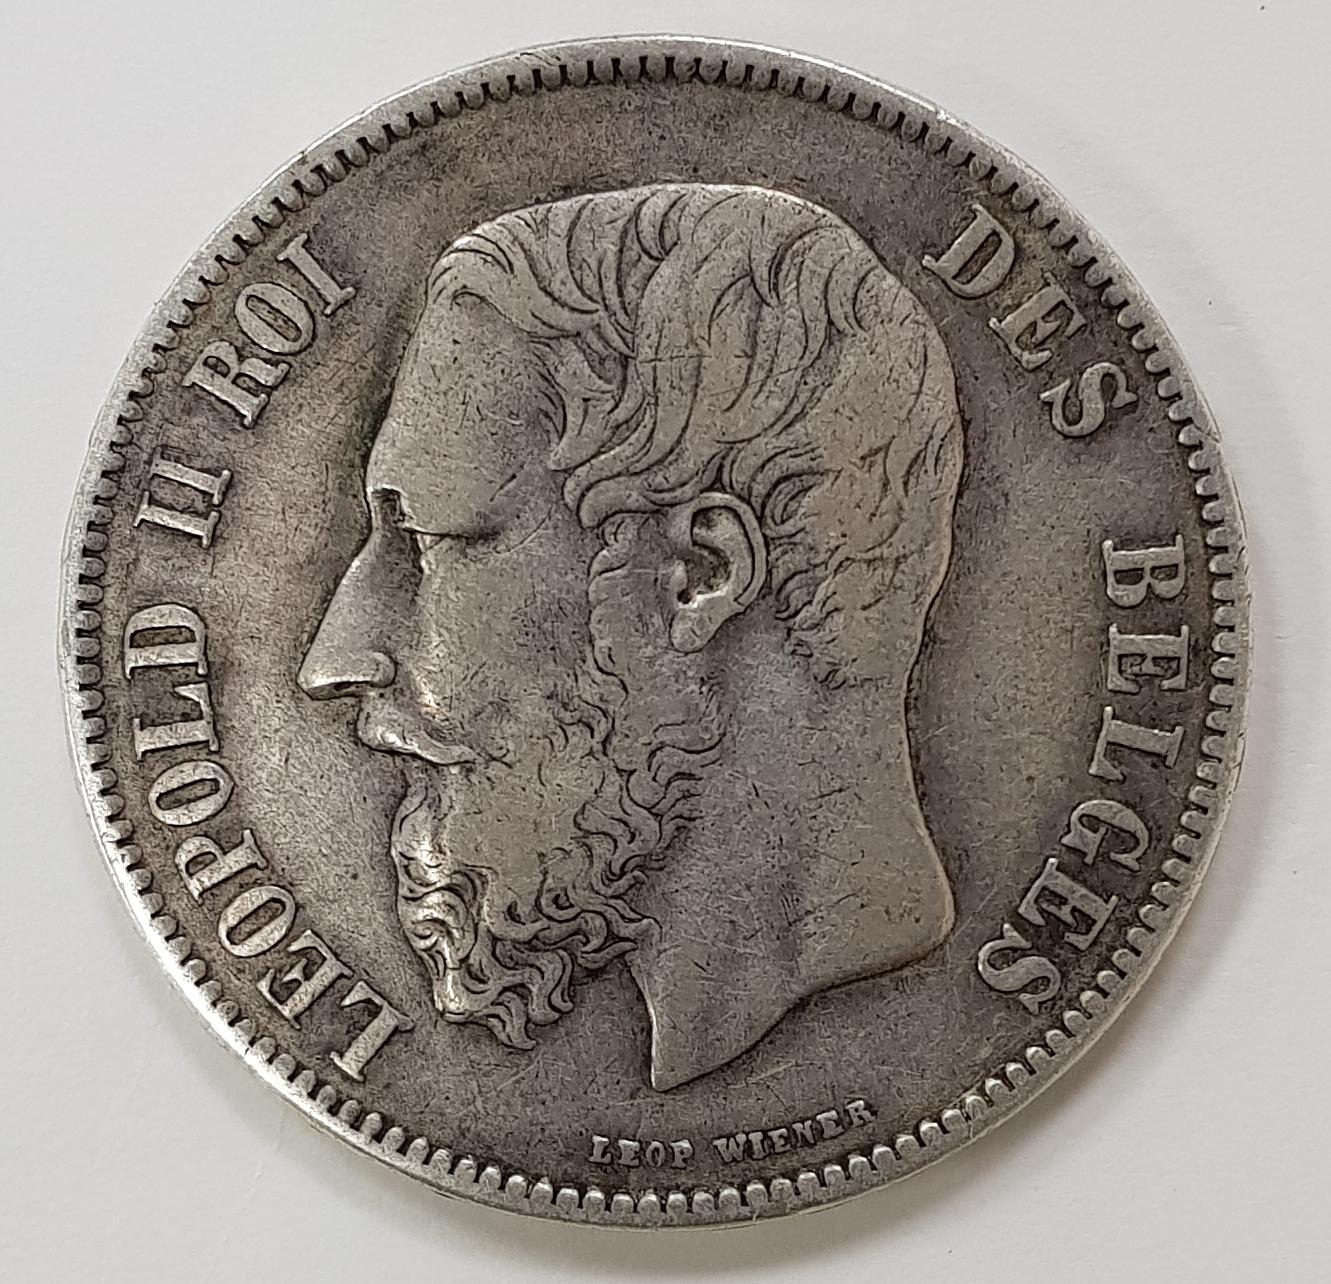 5 франков 1870 года. Бельгия. VF